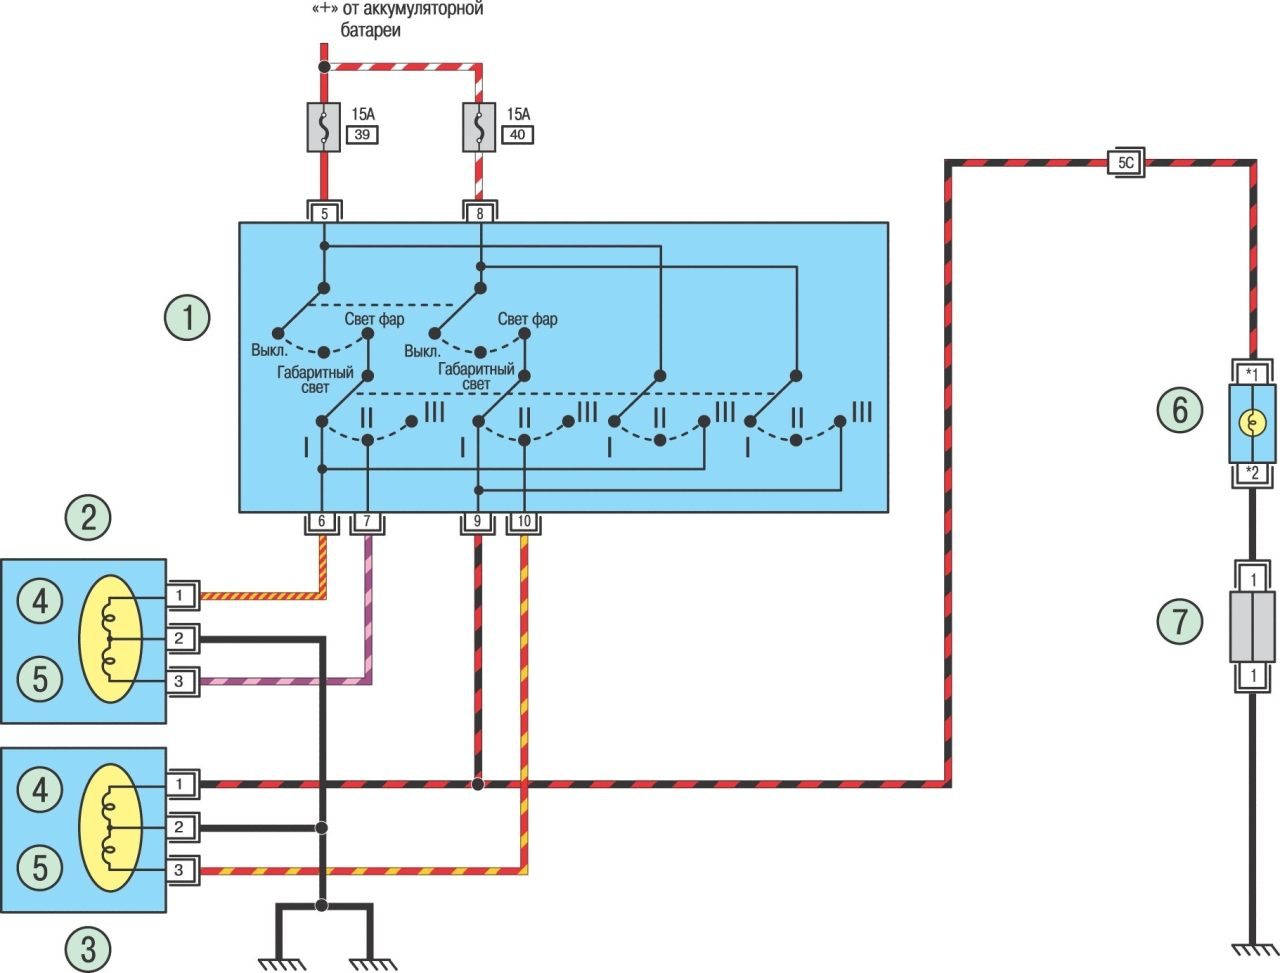 схема автоматического управления фарами